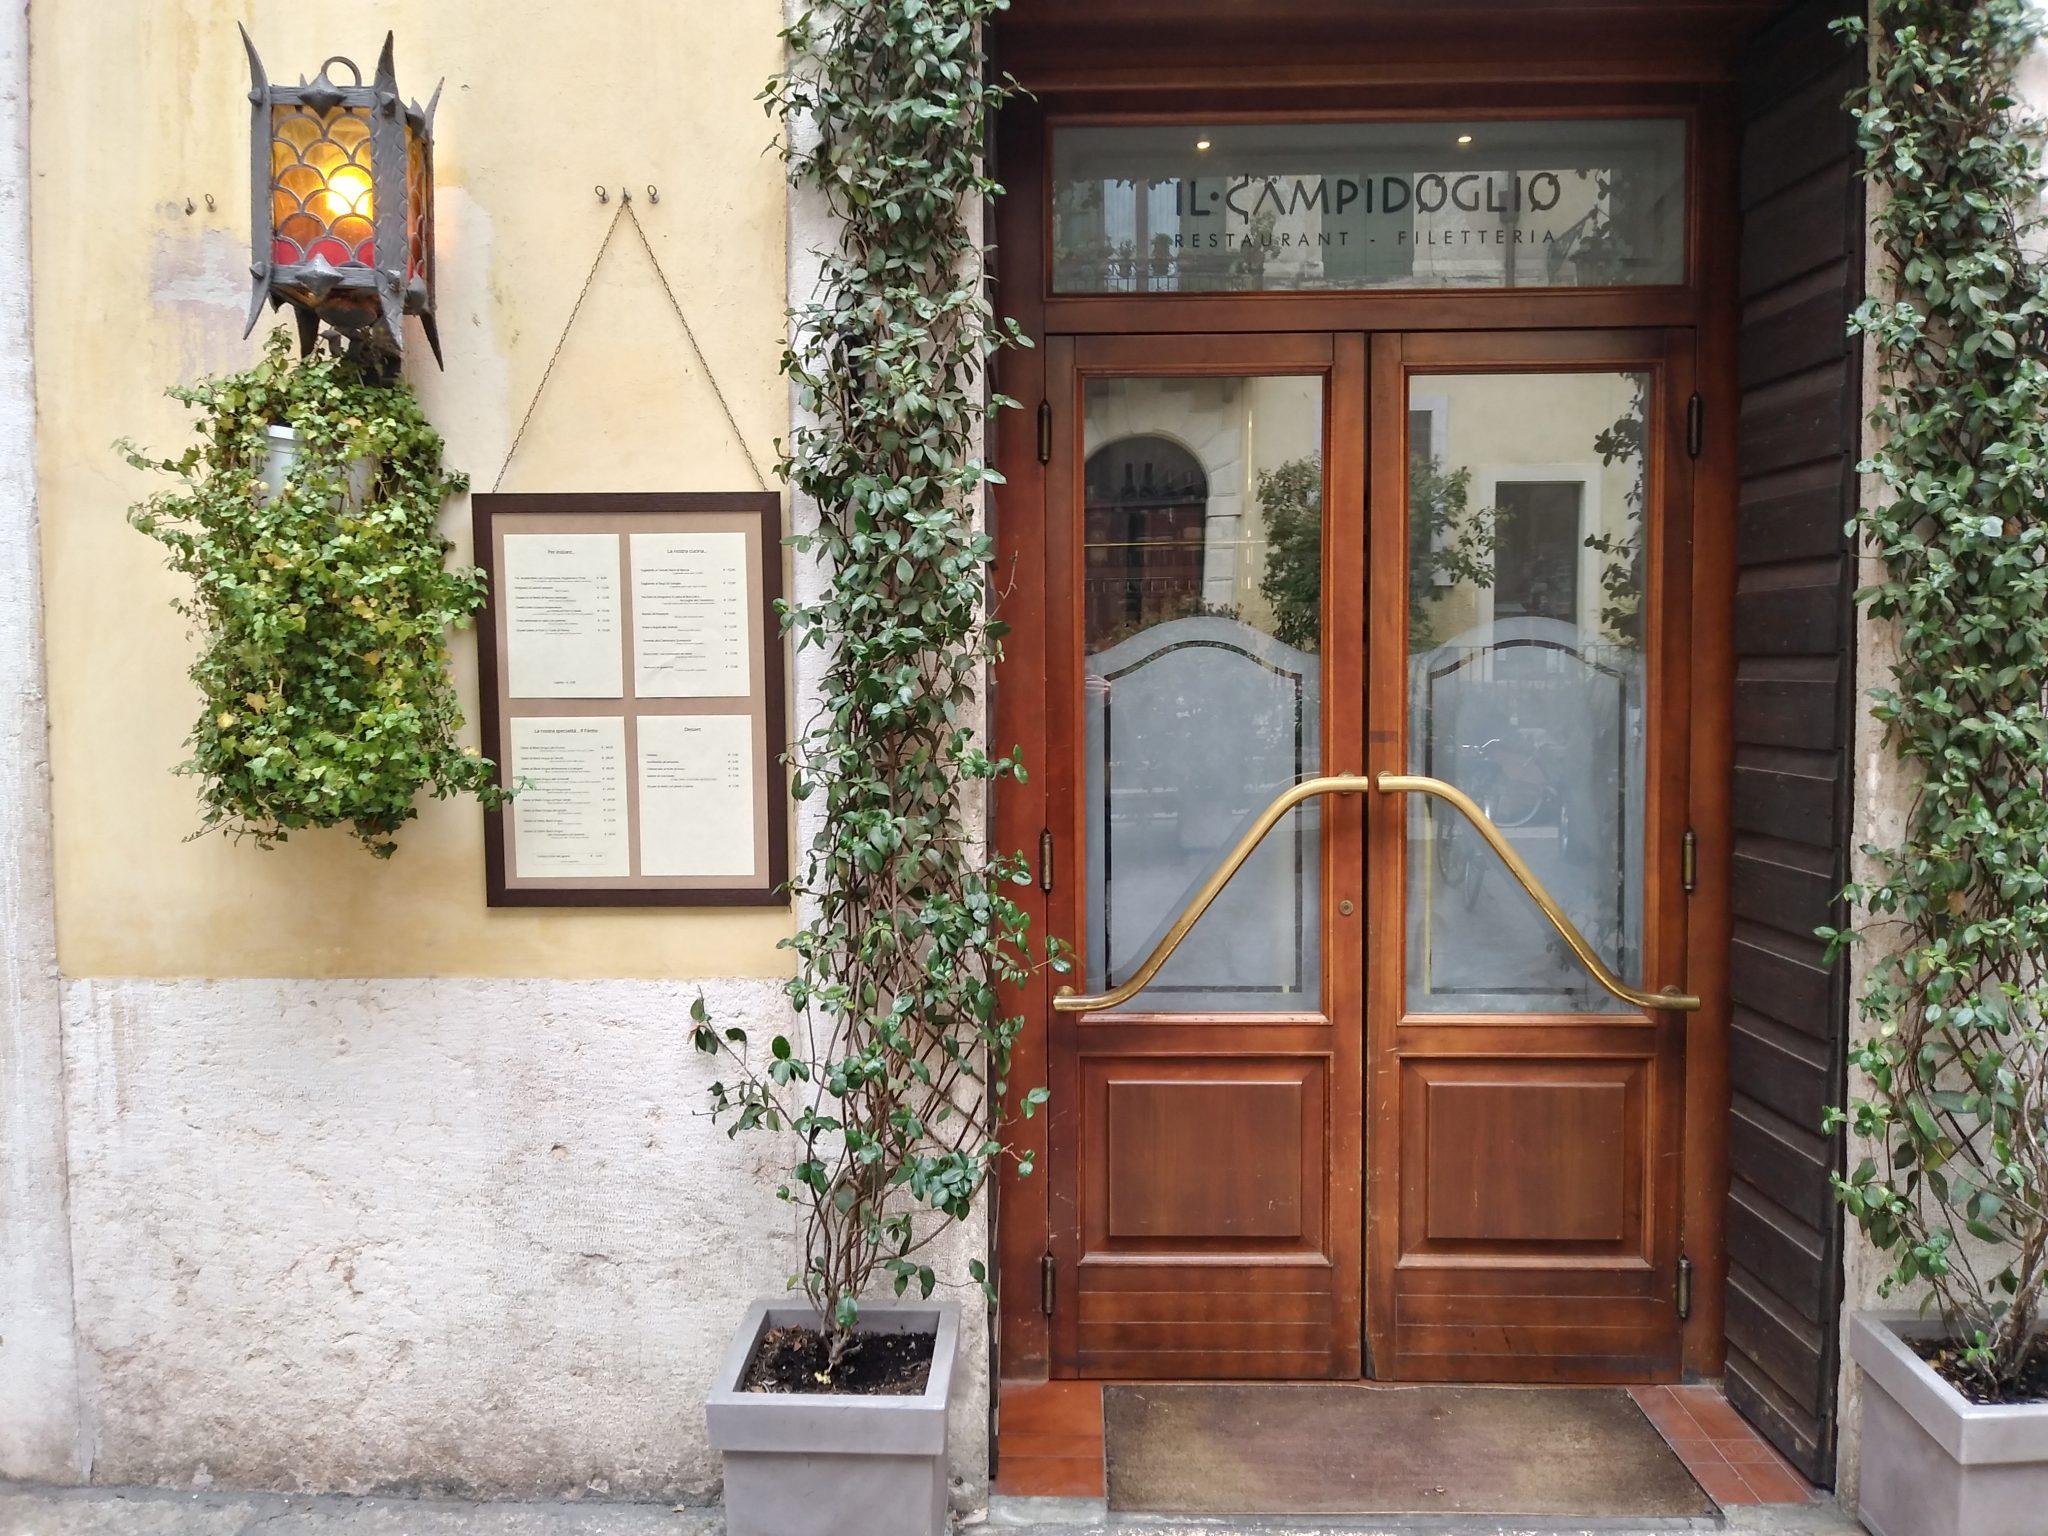 Il Campidoglio, una spolverata di tradizione nascosta nel centro di Verona